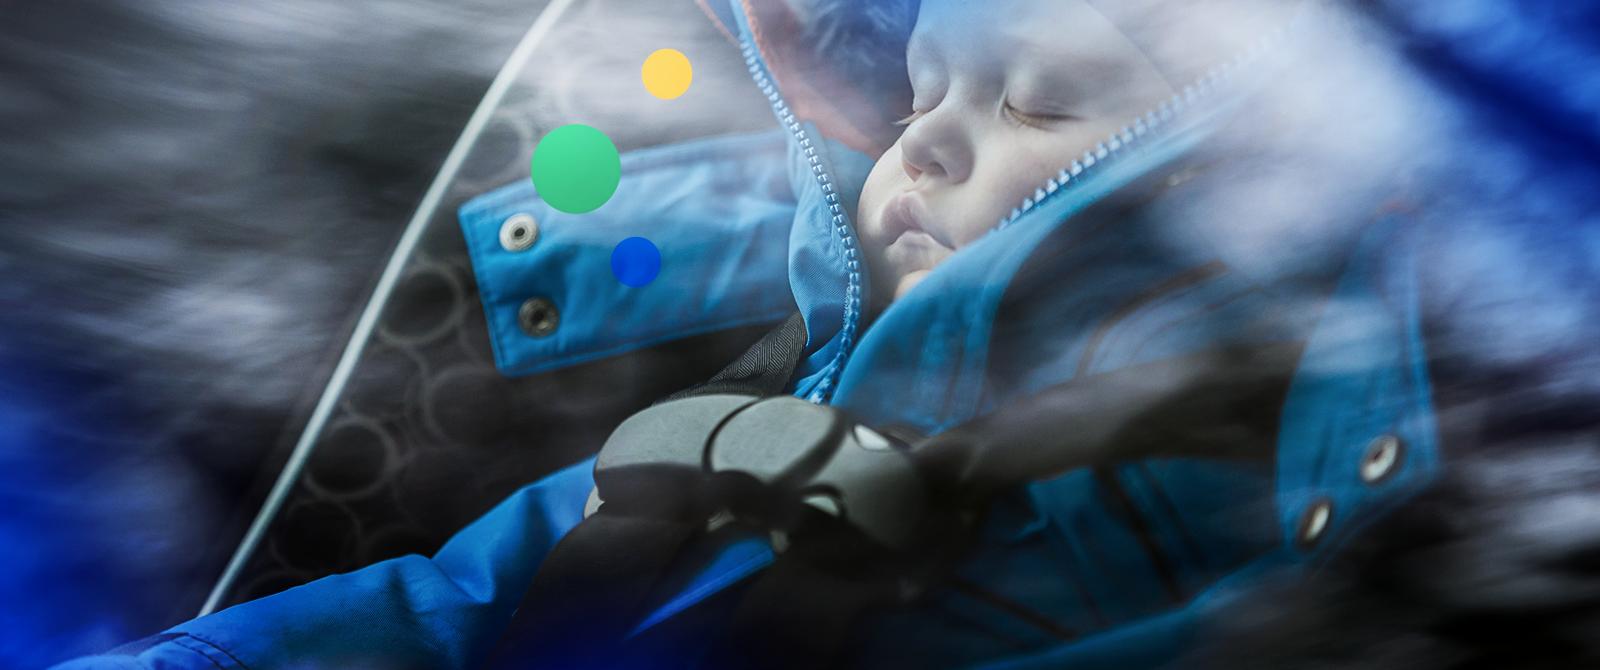 Sécurité routière : Avez-vous confiance en la mobilité de demain ?